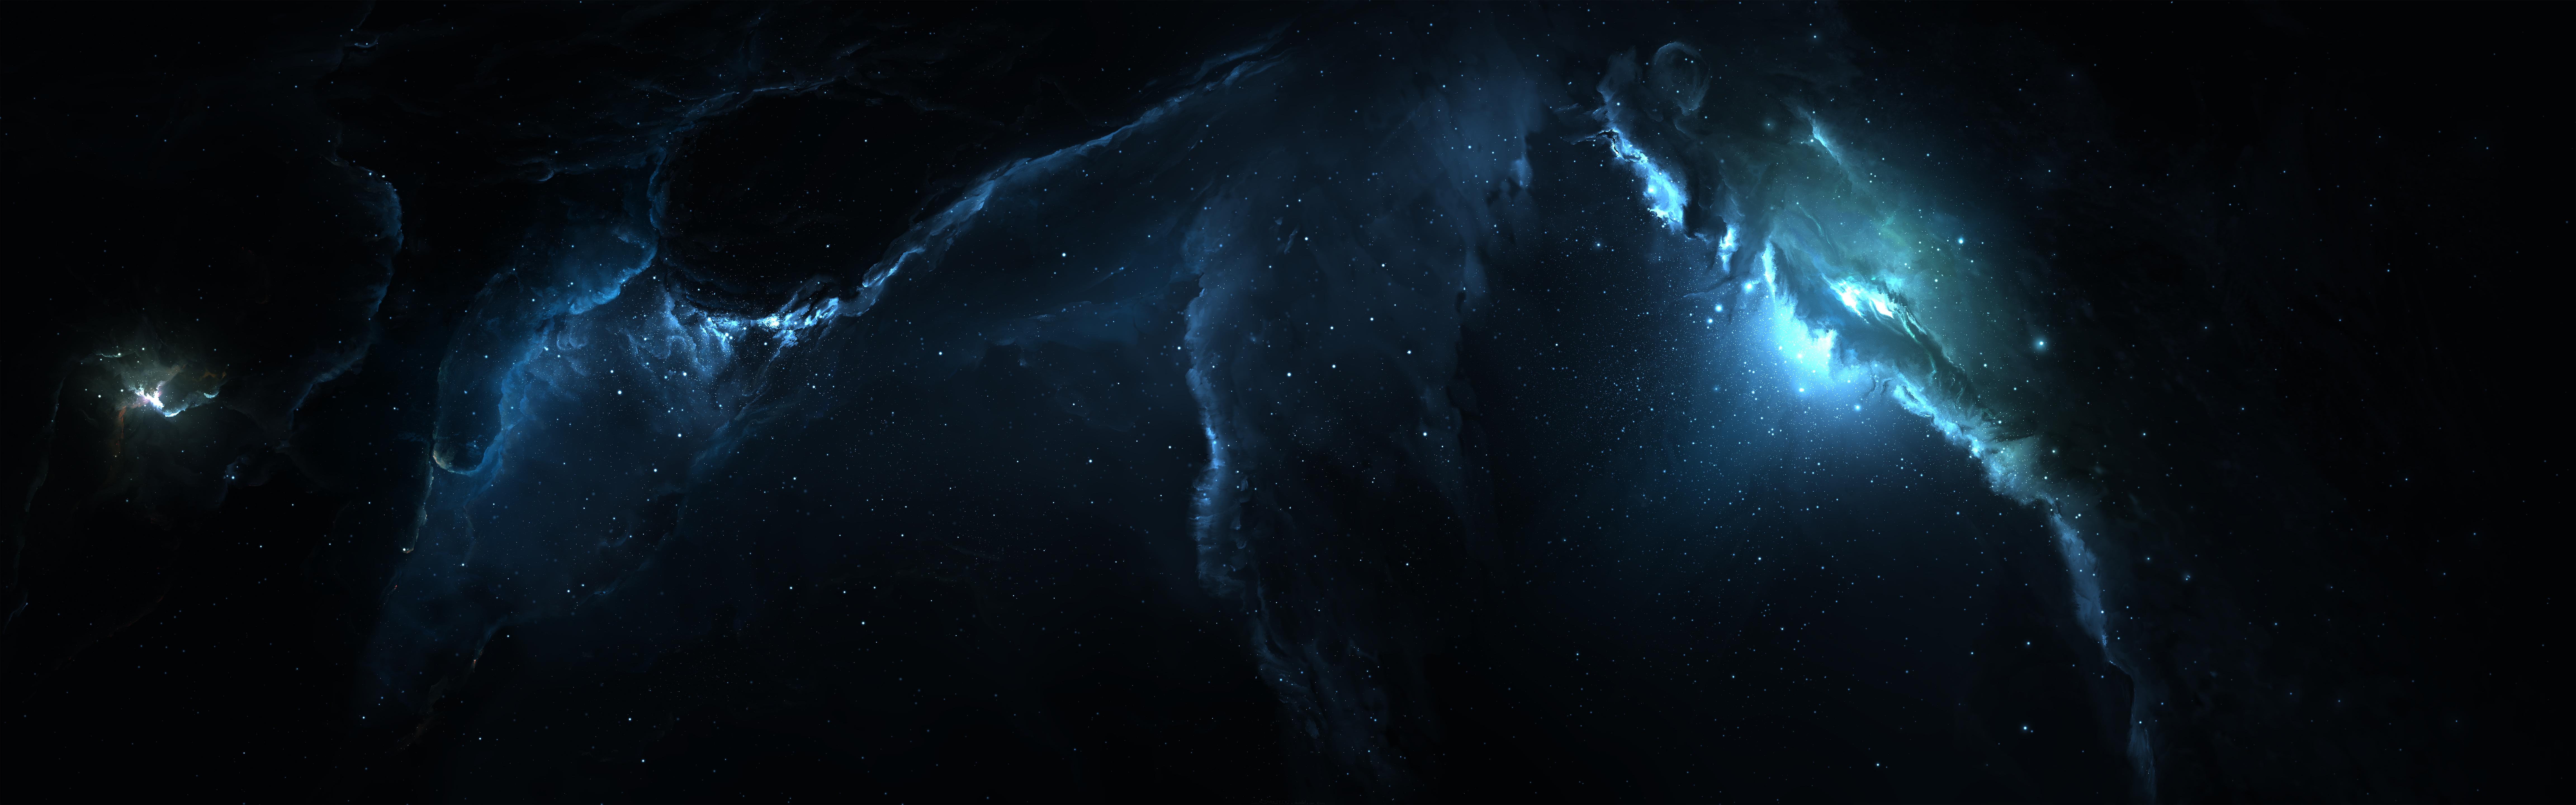 sci fi nebula space blue wallpaper